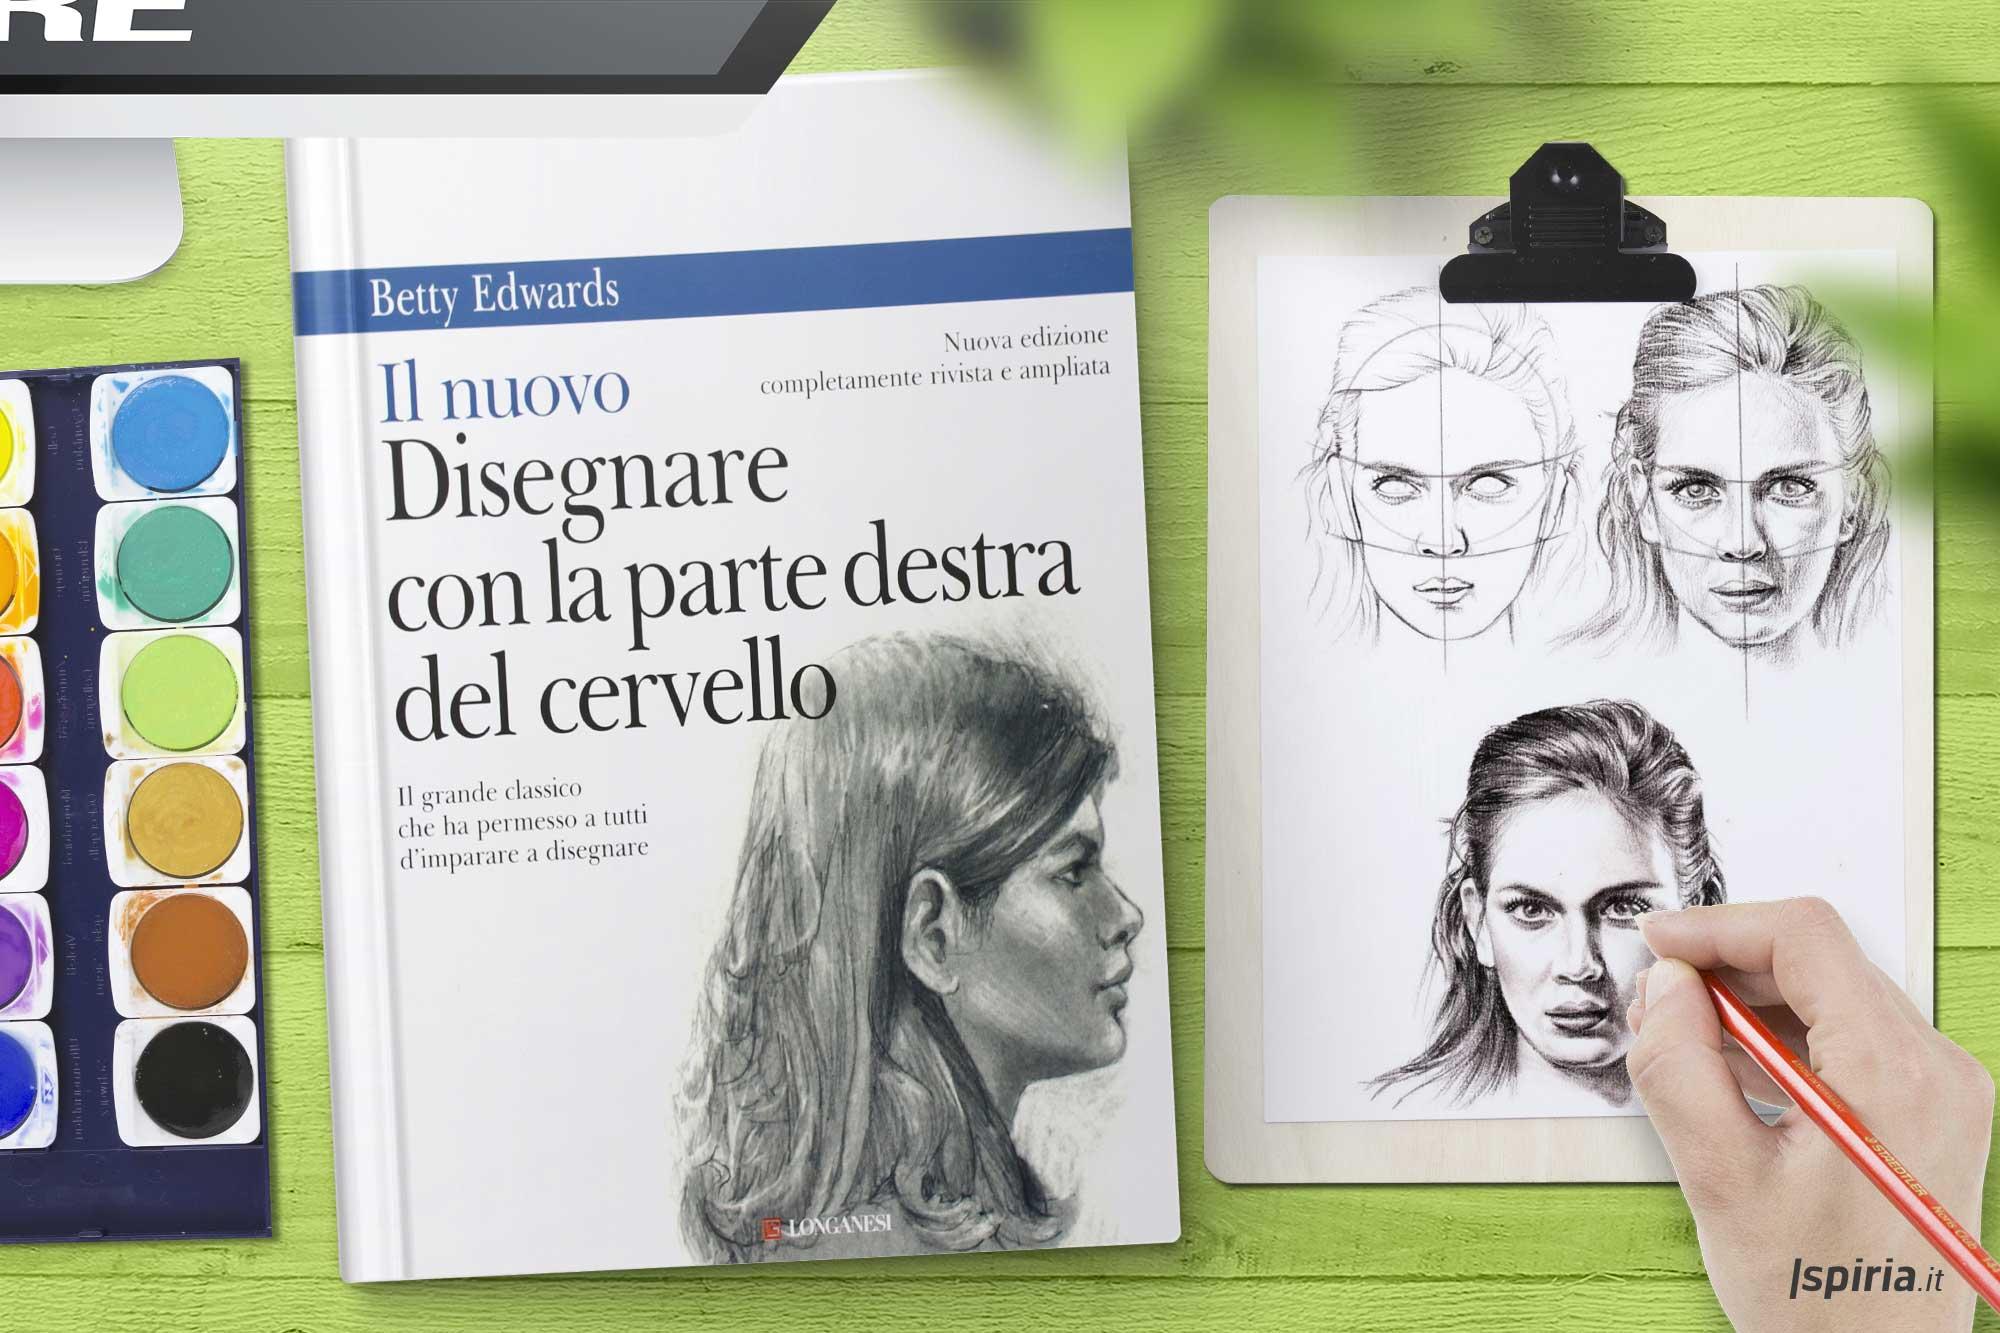 Imparare A Disegnare: I Migliori Libri Per Diventare Bravi Nel Disegno A Ogni Età